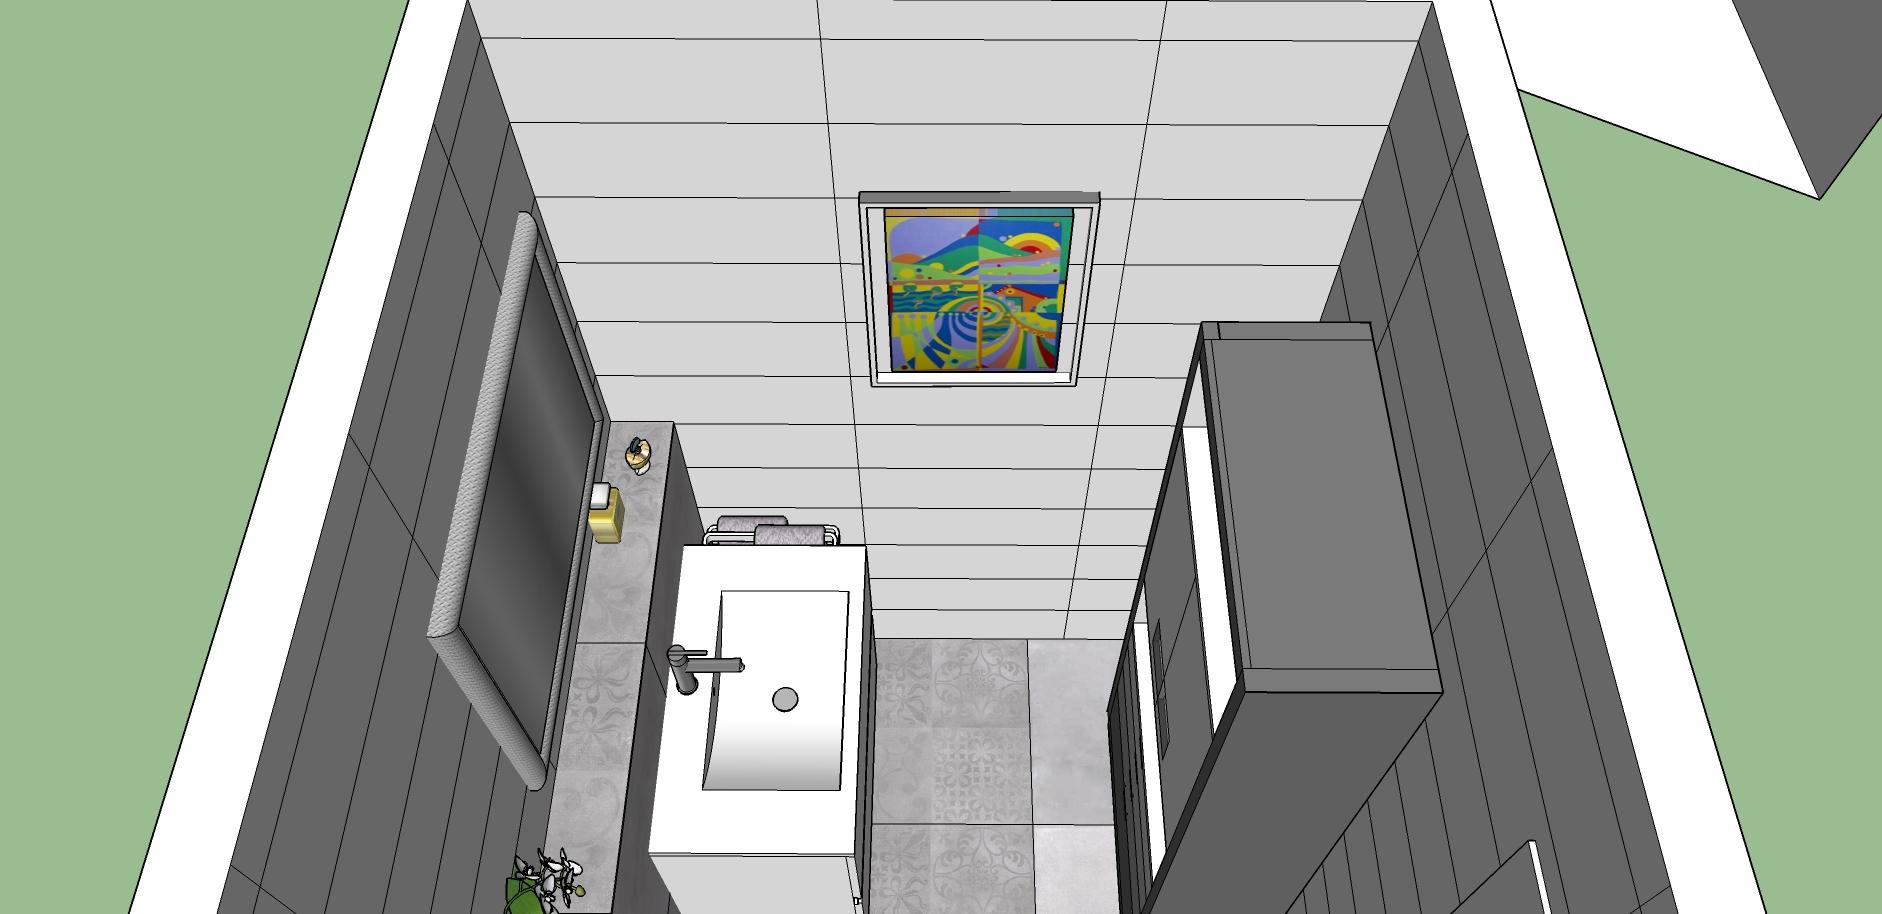 Proyecto 3D-Reforma integral-reforma-coruña-cambio bañera por plato de ducha-contratista-empresa-de-reformas-renueve su casa-reforma baño-reforma cocina-cocinas express_6